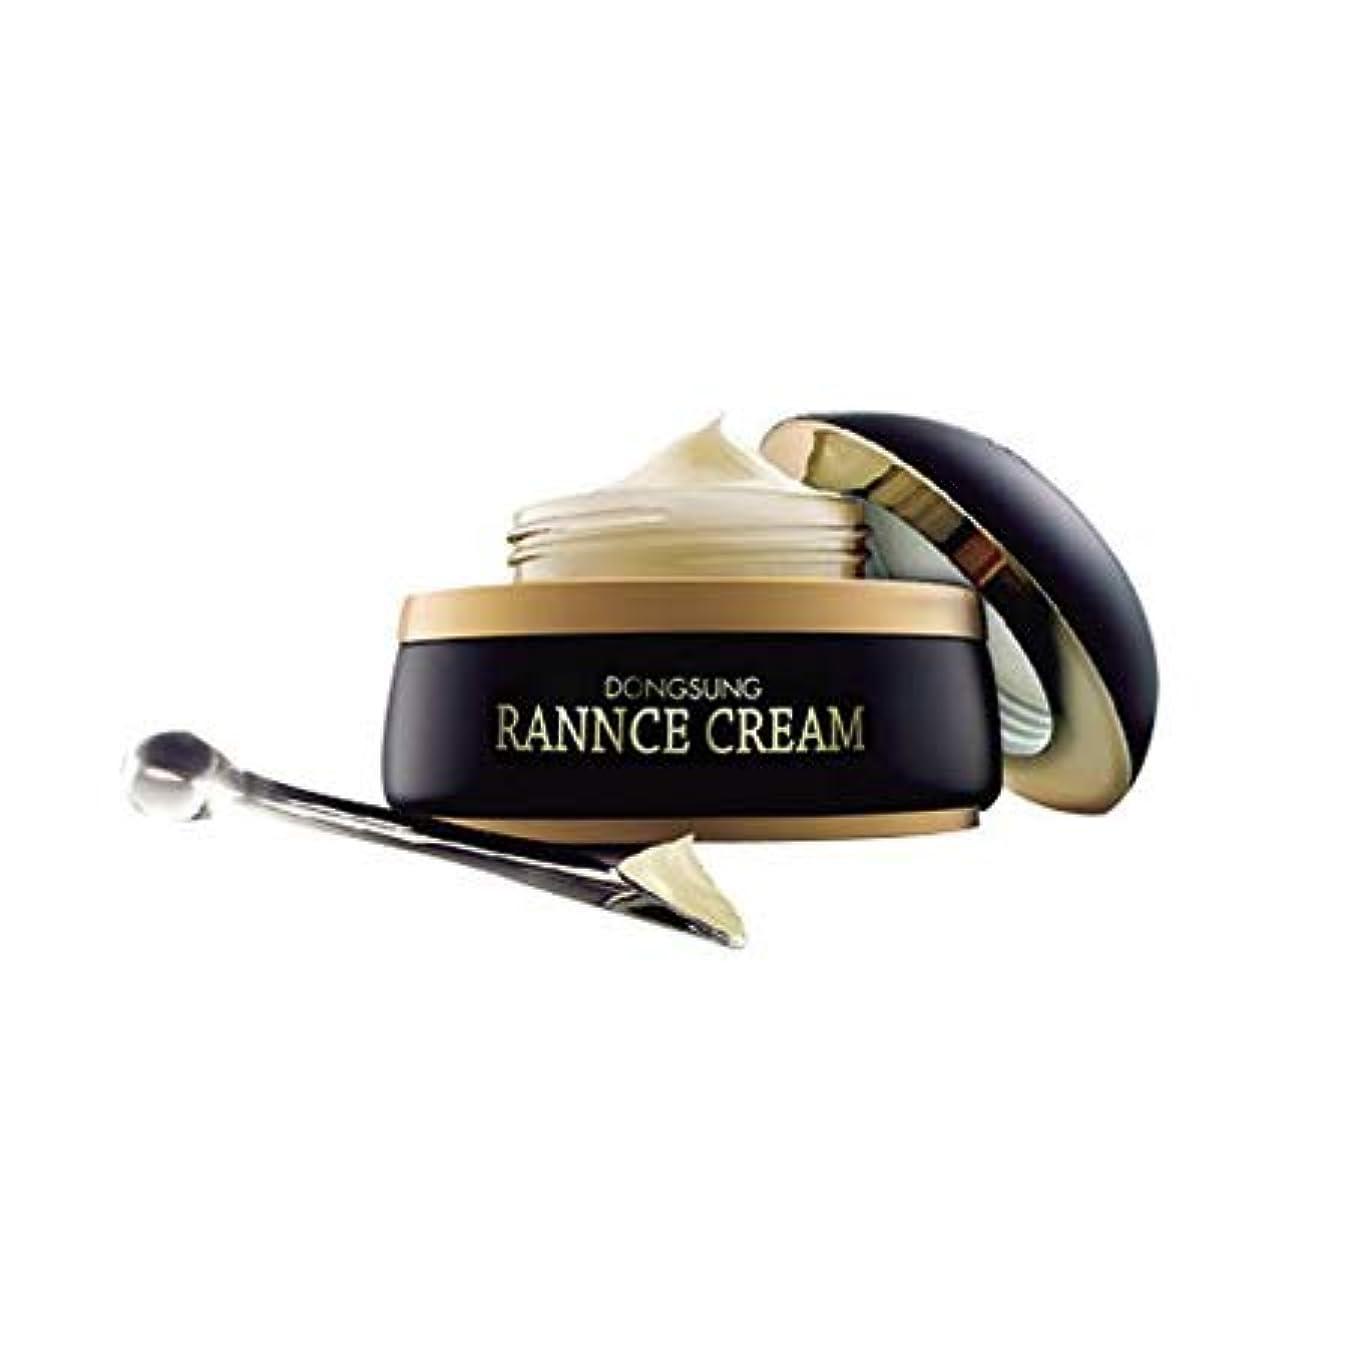 ファウル不適当専門Dong Sung Rannce Cream, 韓国スキンケア,[並行輸入品]